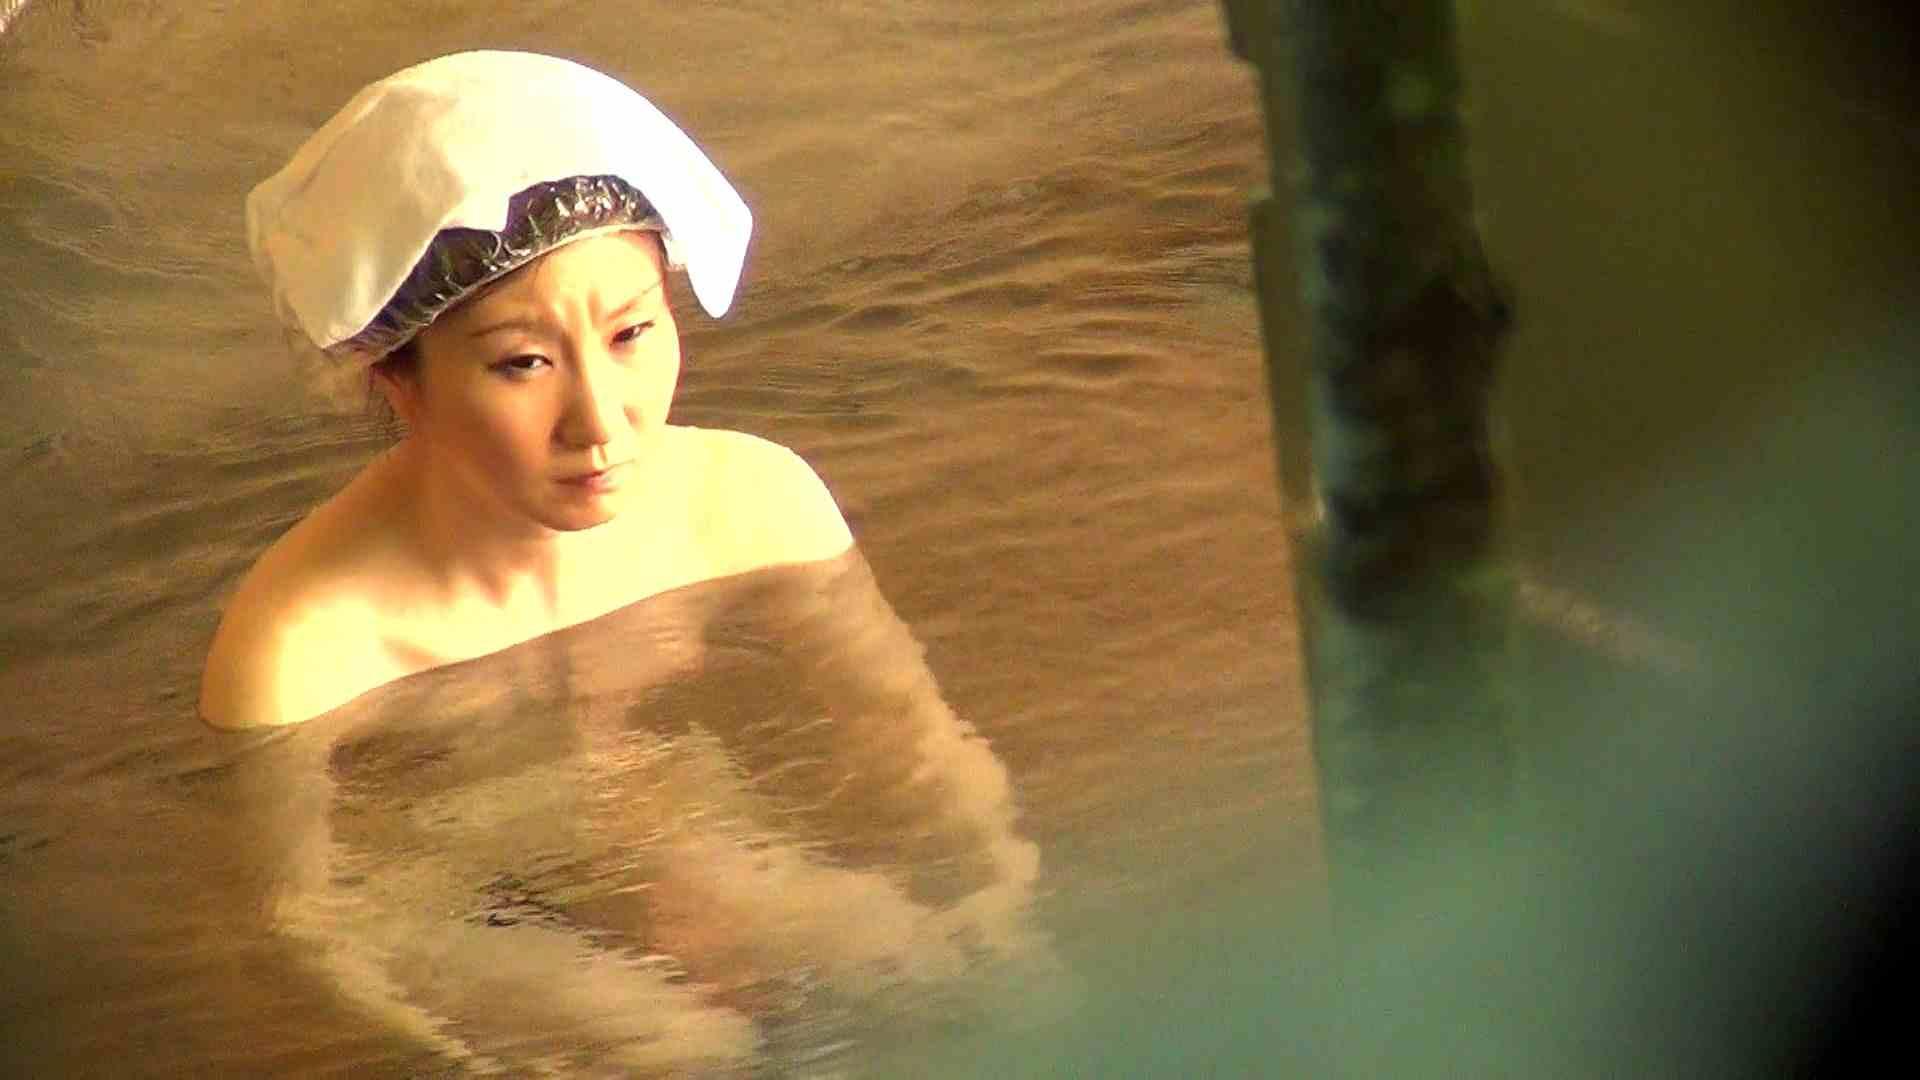 Aquaな露天風呂Vol.278 盗撮  100画像 84